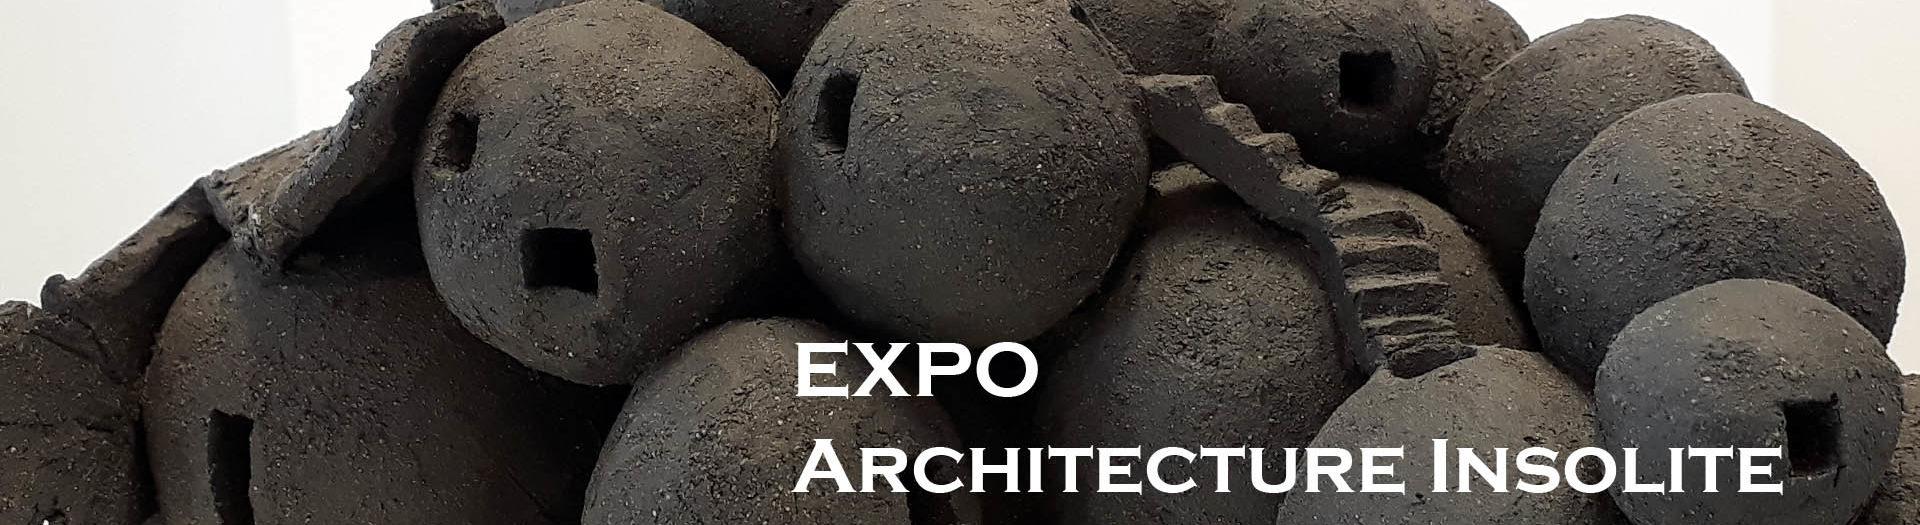 Expo archi